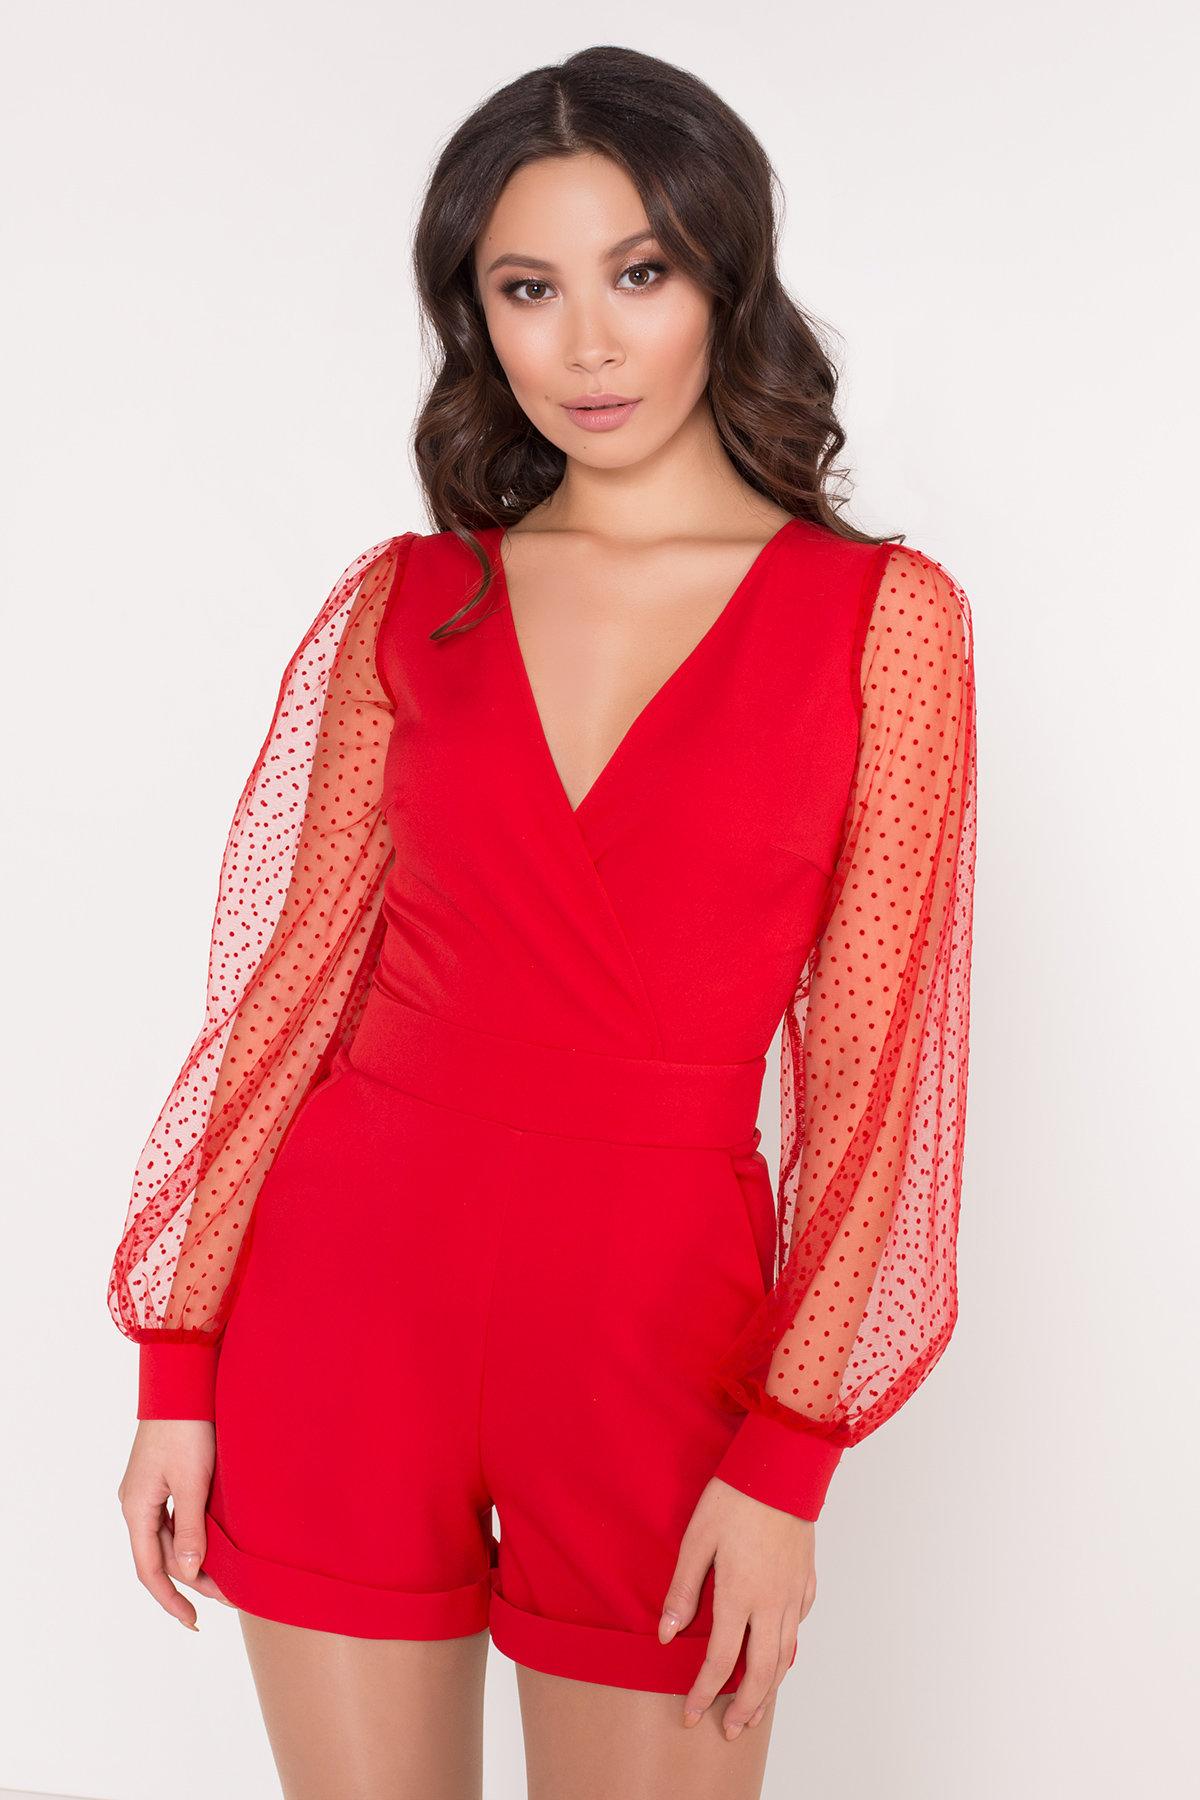 Стильный красный комбинезон с шортами Набель 8565 АРТ. 44880 Цвет: Красный - фото 5, интернет магазин tm-modus.ru